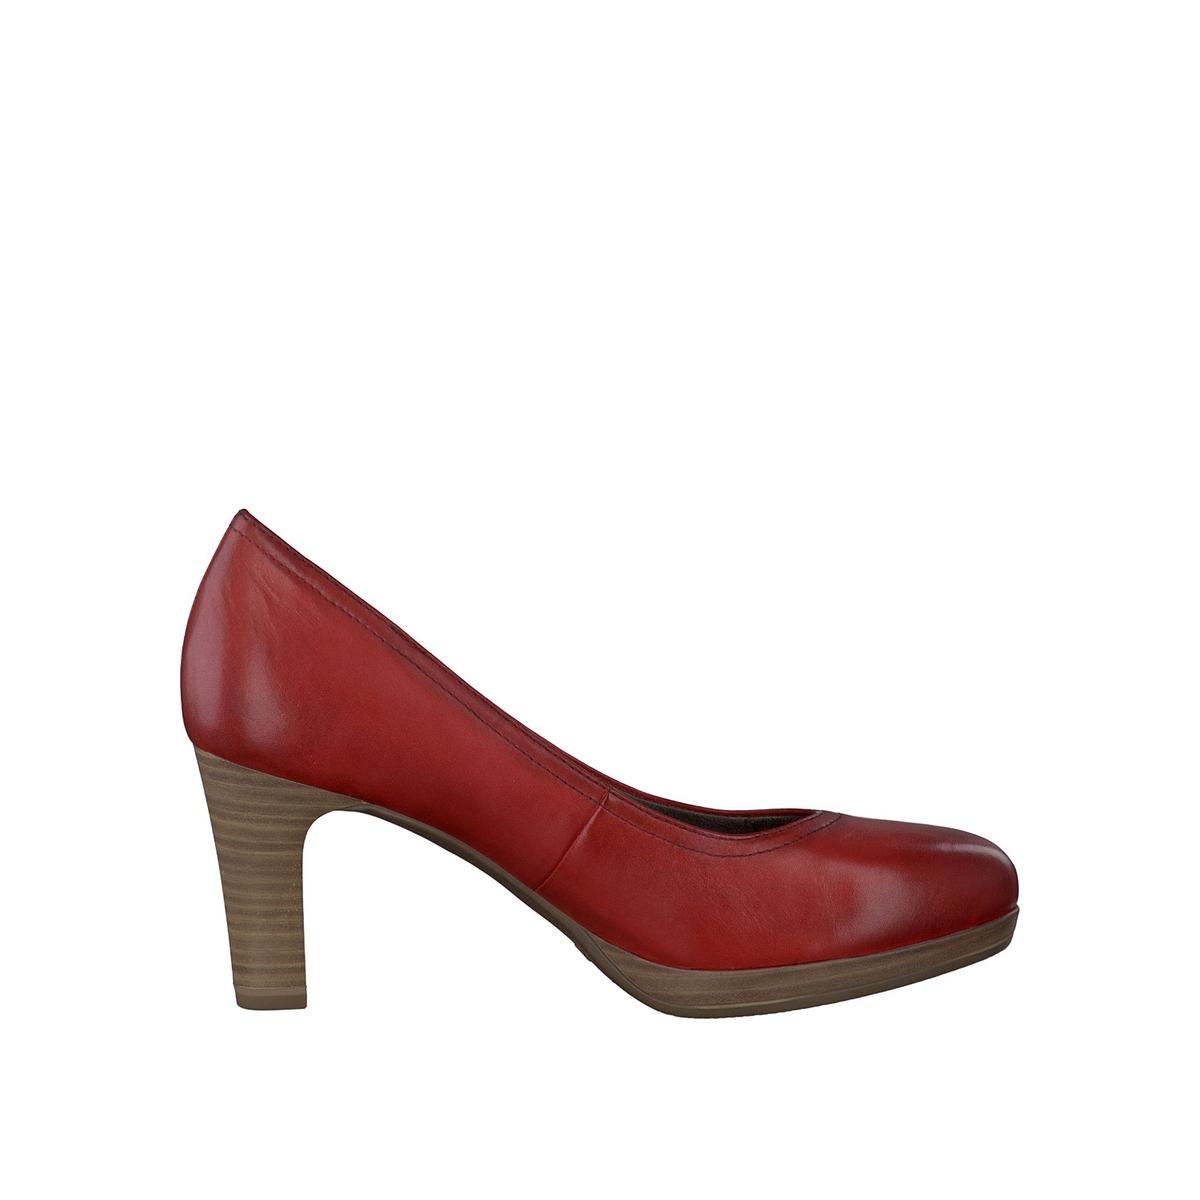 Туфли кожаные 22410-28Верх: кожа.   Подкладка: текстиль и синтетика.Стелька: синтетика.Подошва: синтетика.Высота каблука: 7 см.Форма каблука: тонкий каблук.    Мысок: закругленный.Застежка: без застежки.<br><br>Цвет: красный,синий деним,черный<br>Размер: 37.41.40.39.40.38